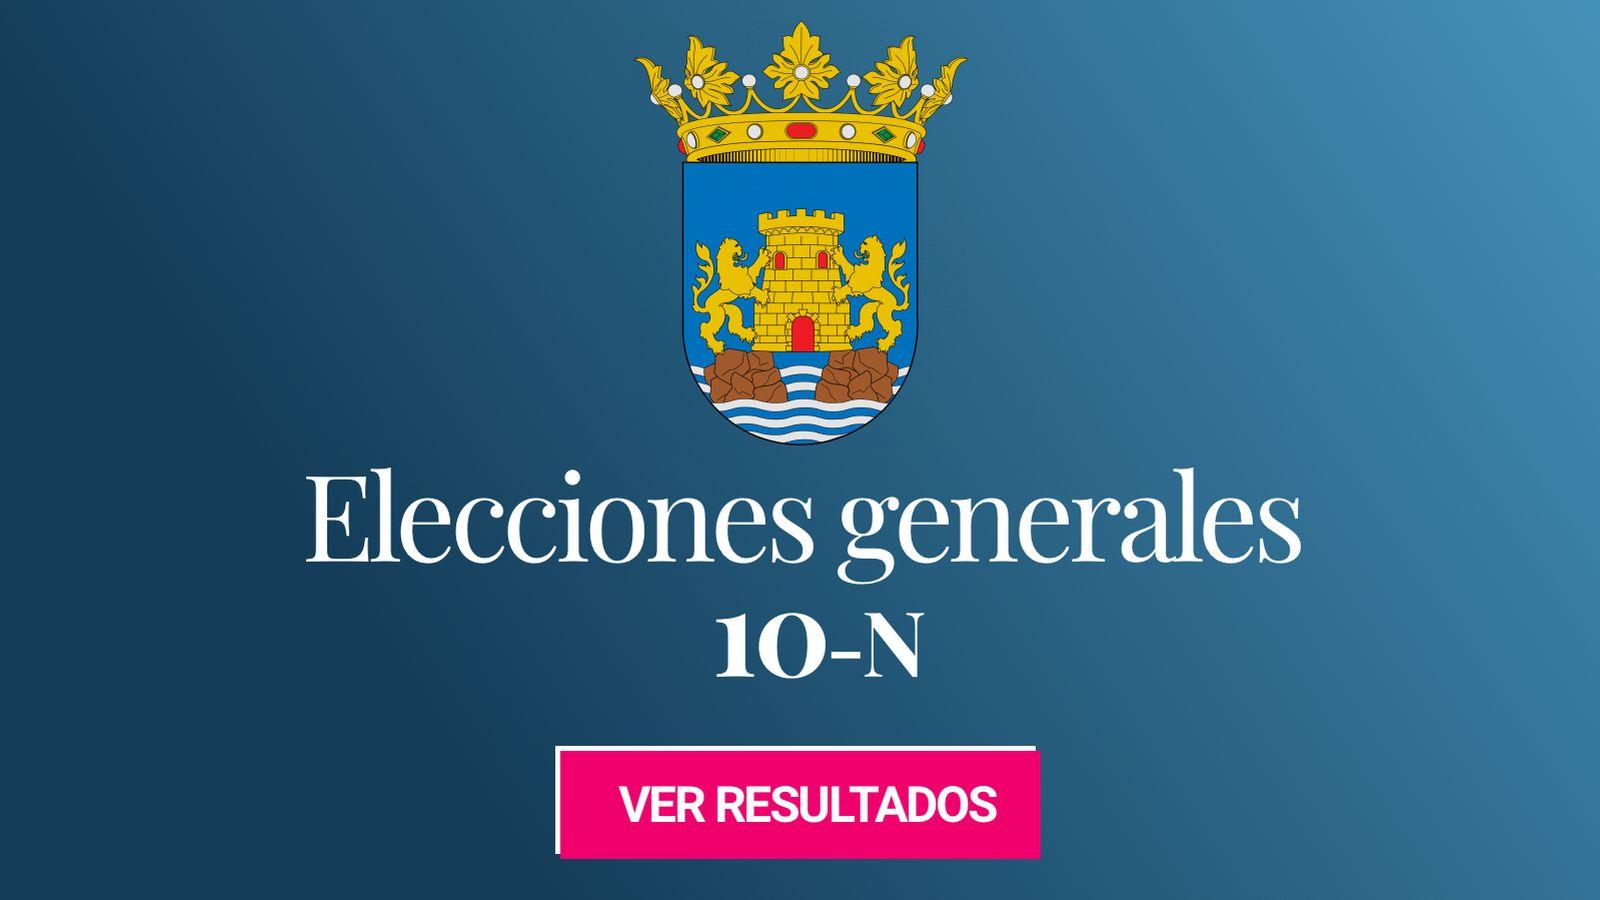 Foto: Elecciones generales 2019 en Chiclana de la Frontera. (C.C./EC)